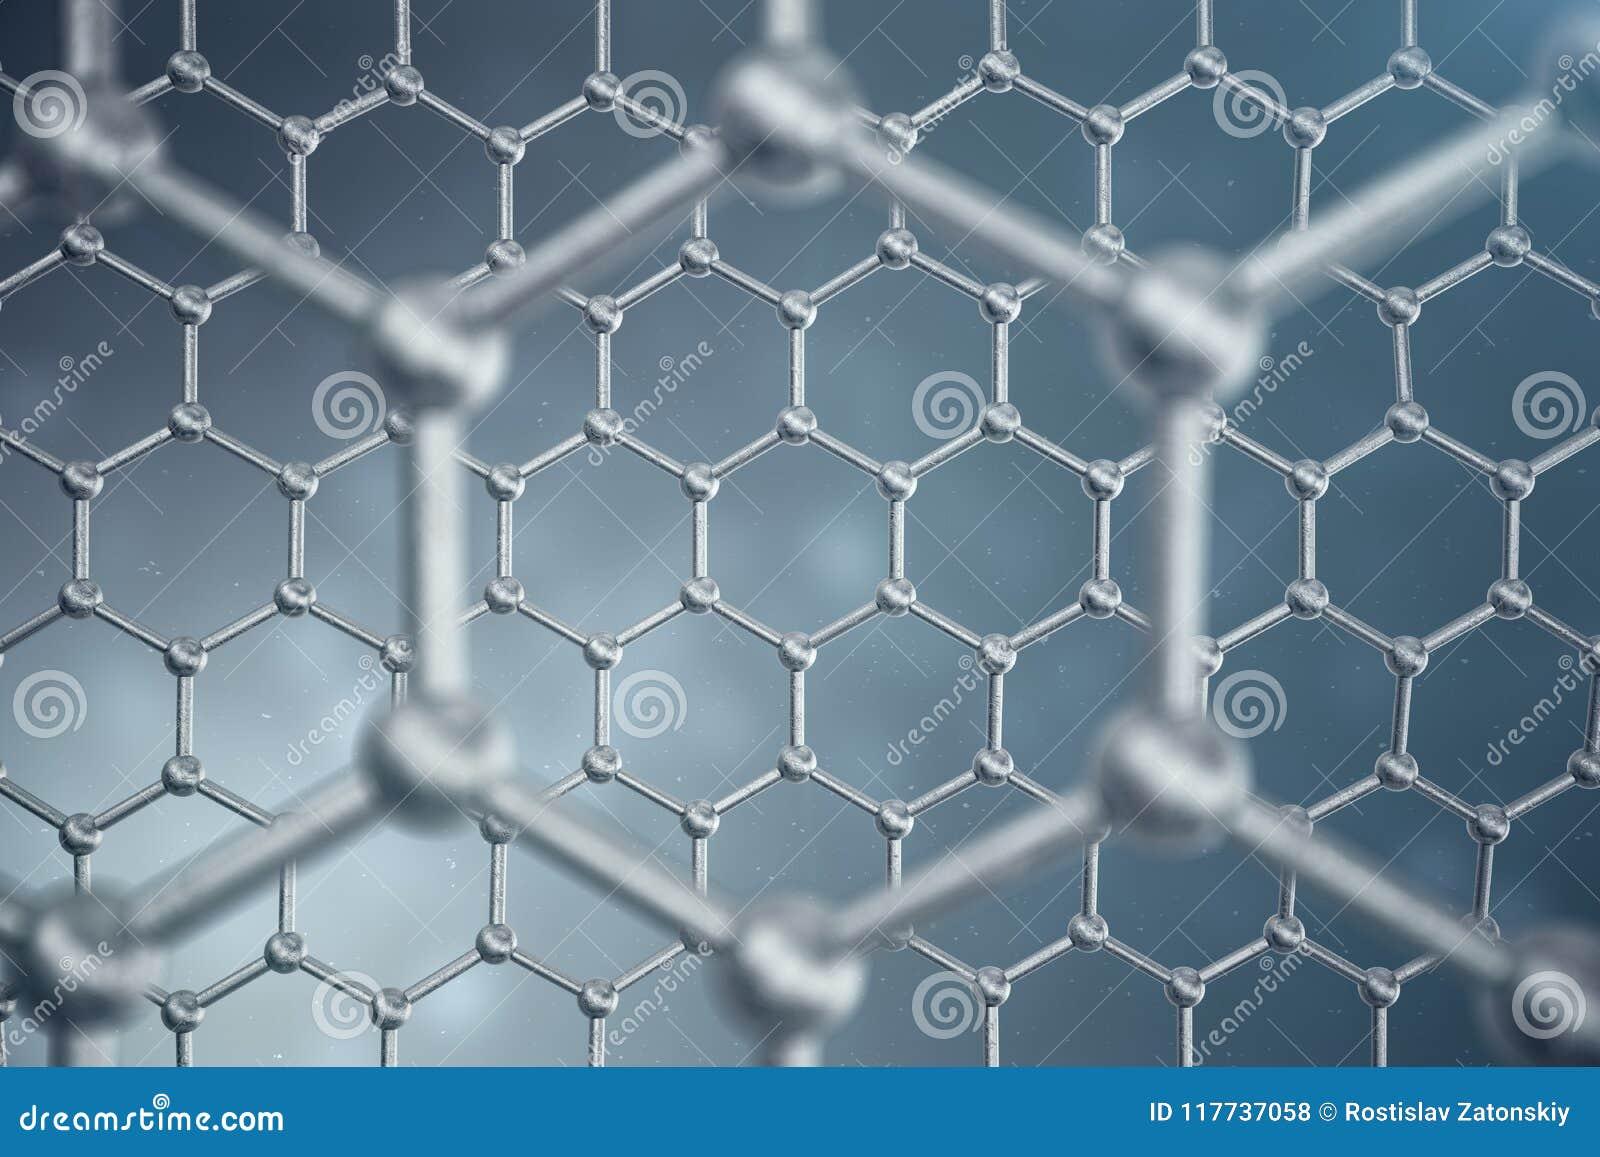 3d Rendering Abstract Nanotechnology Hexagonal Geometric Form Close ...